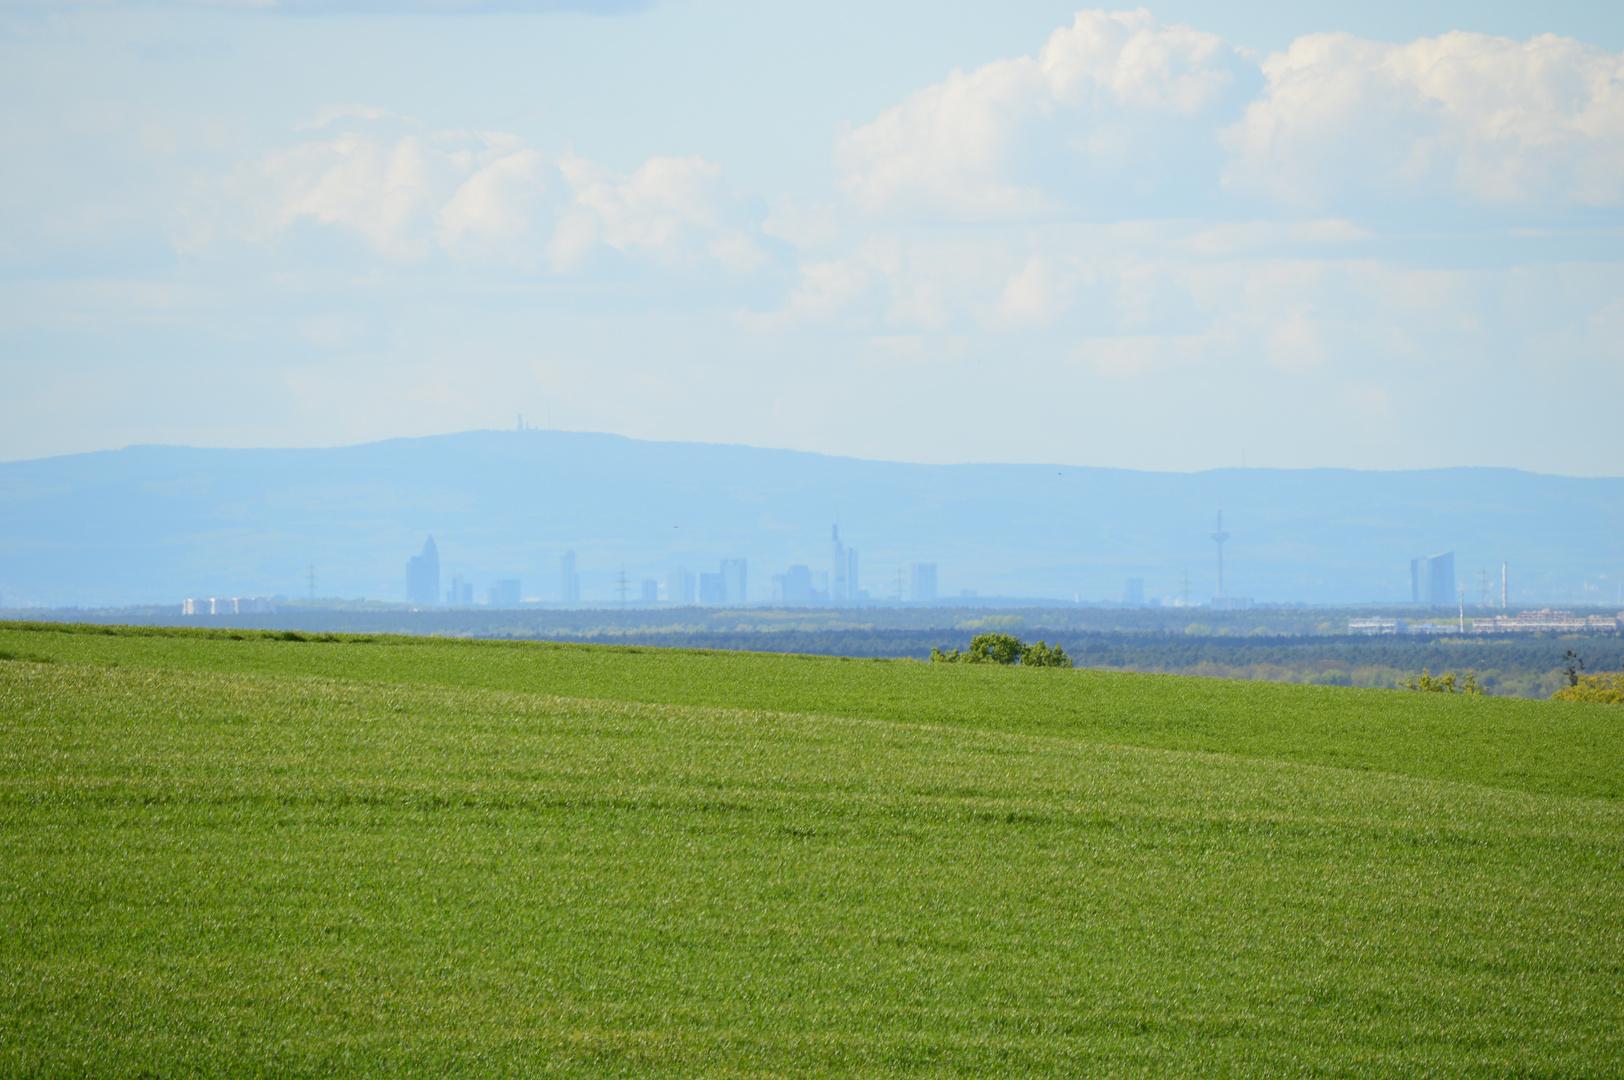 Frankfurt 40 km Luftlinie vom Schaafheimer Wartturm entfernt